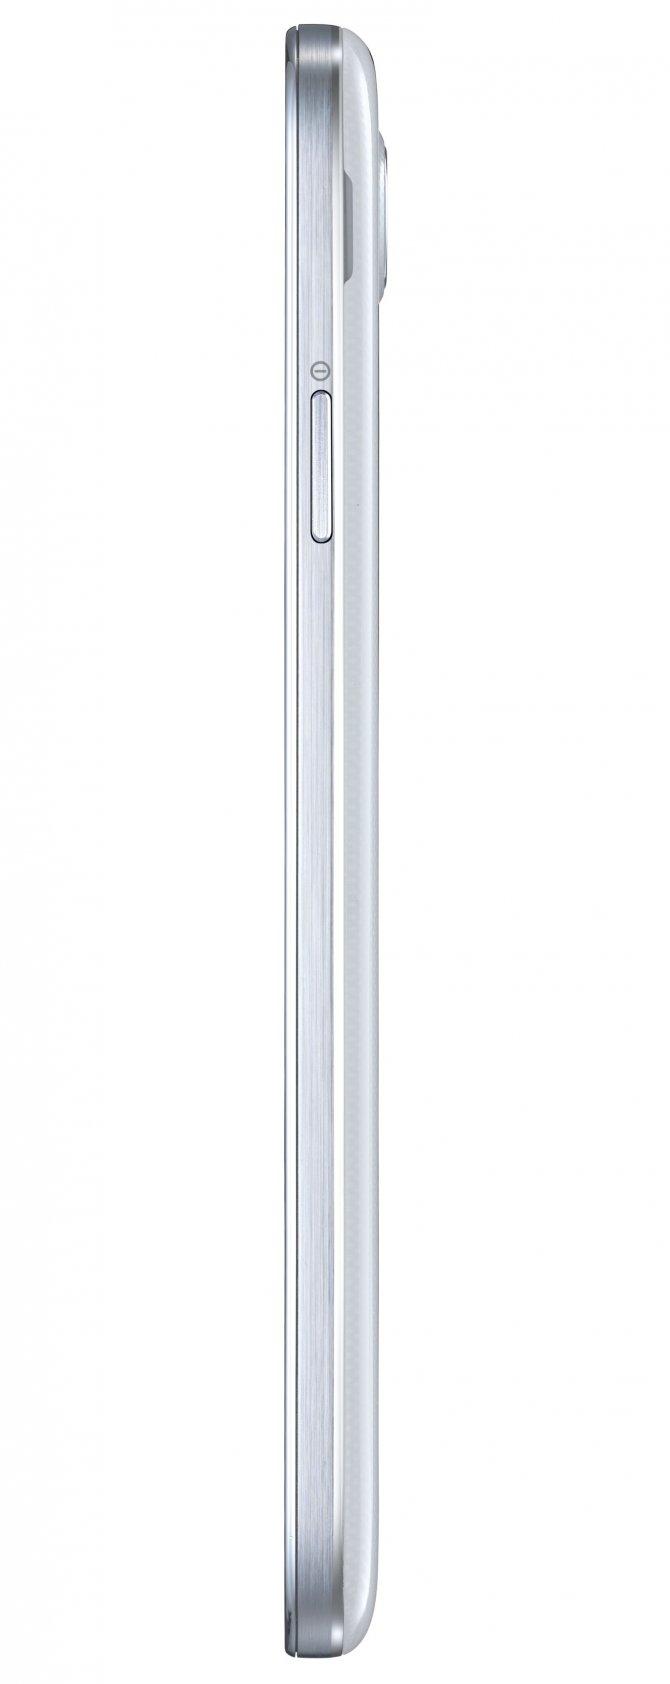 Samsung Galaxy S4 tanıtıldı 6